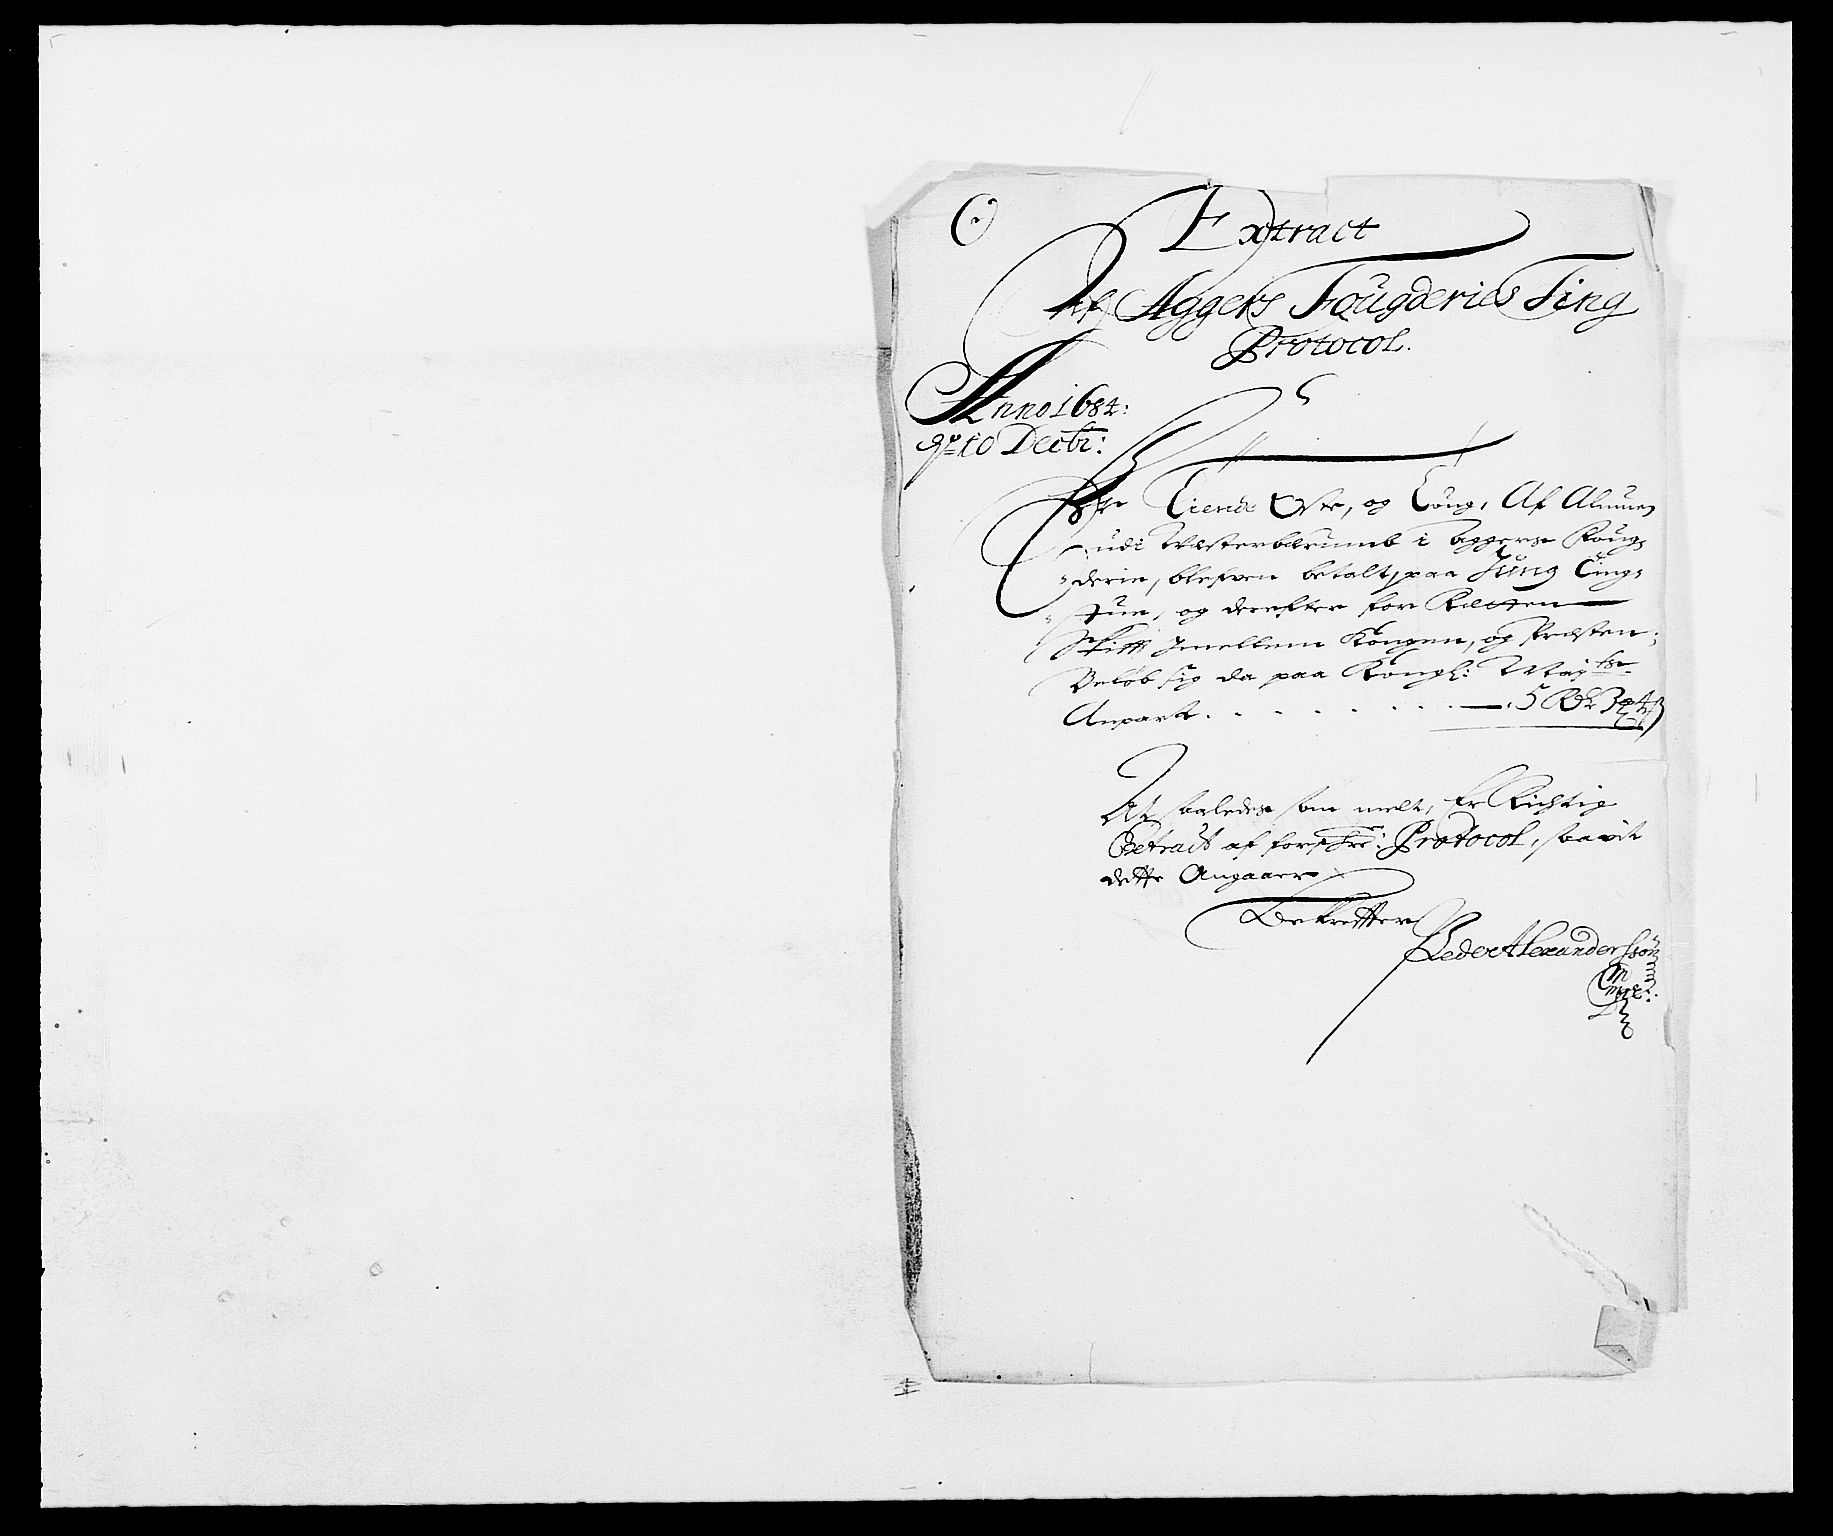 RA, Rentekammeret inntil 1814, Reviderte regnskaper, Fogderegnskap, R08/L0421: Fogderegnskap Aker, 1682-1683, s. 22